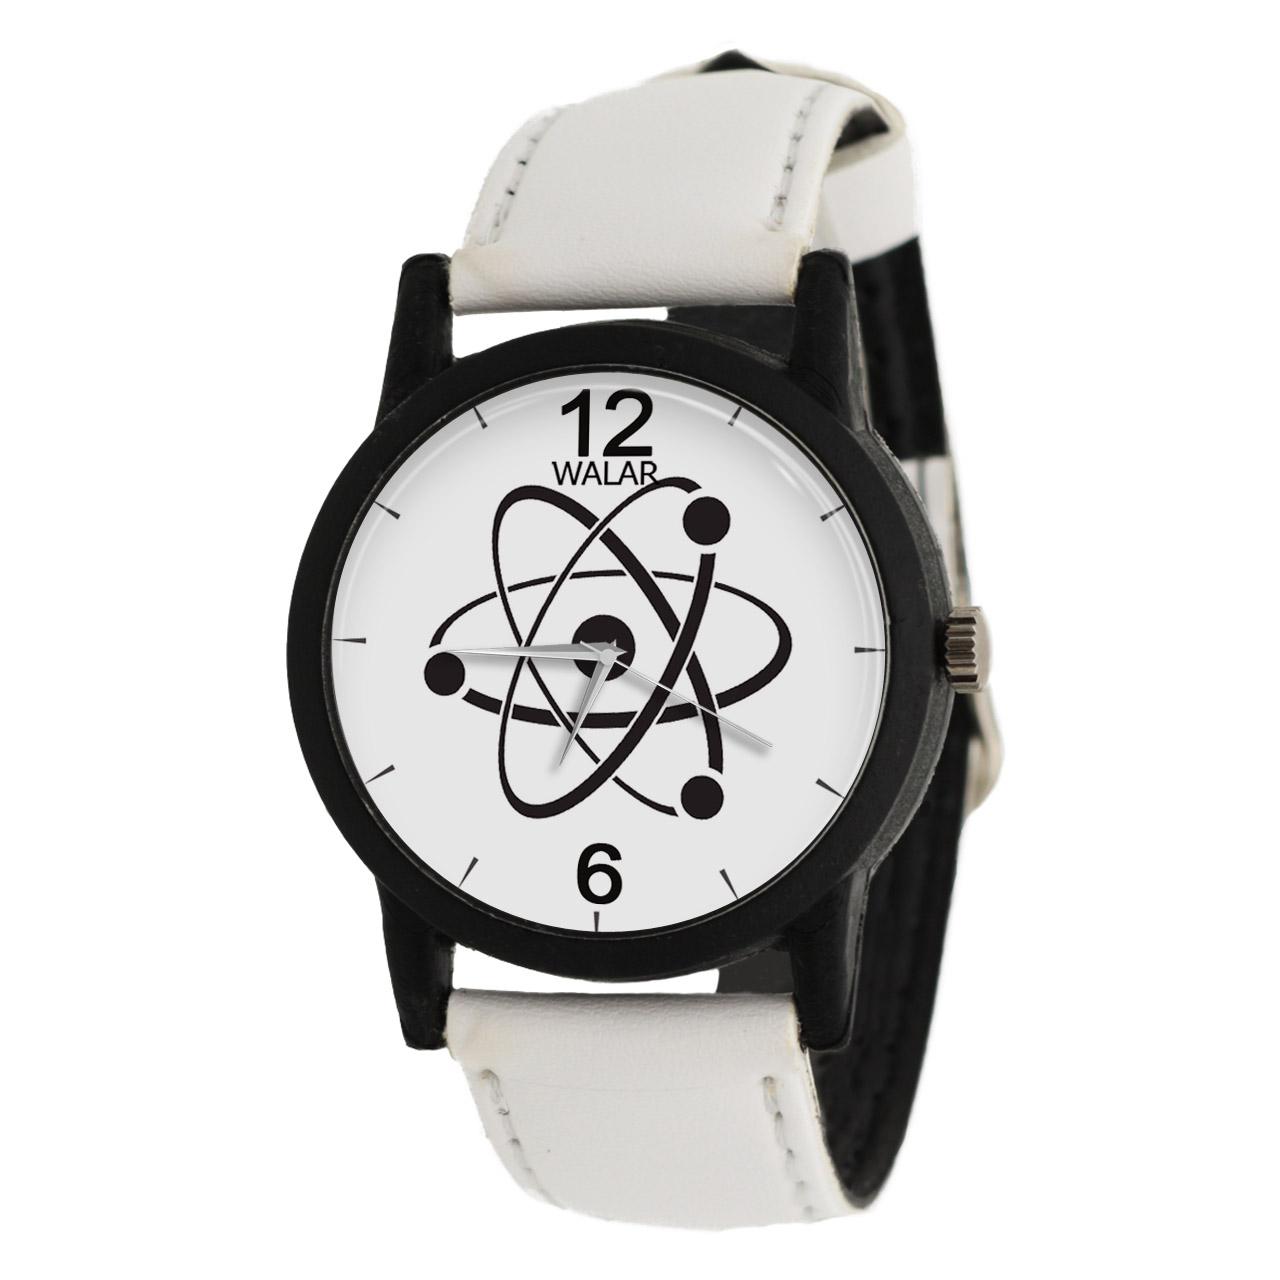 ساعت مچی عقربه ای والار طرح فیزیک مدل LF1398